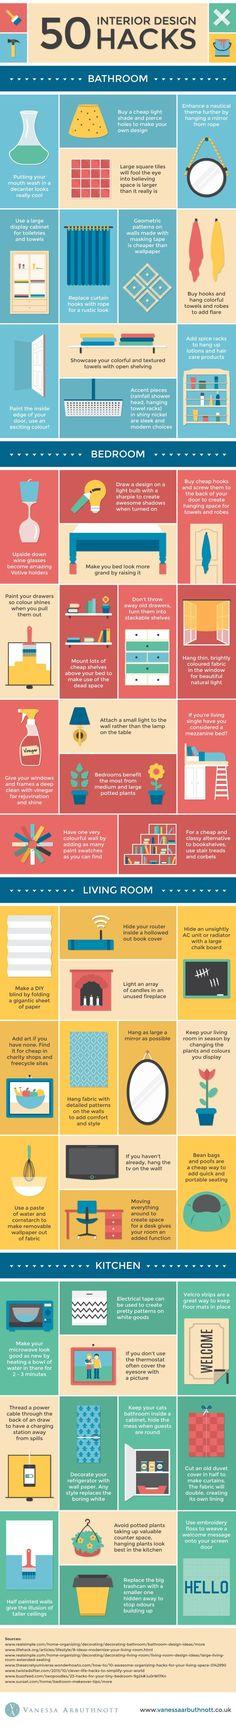 50 Interior Design Hacks #Infographic #InteriorDesign #Design